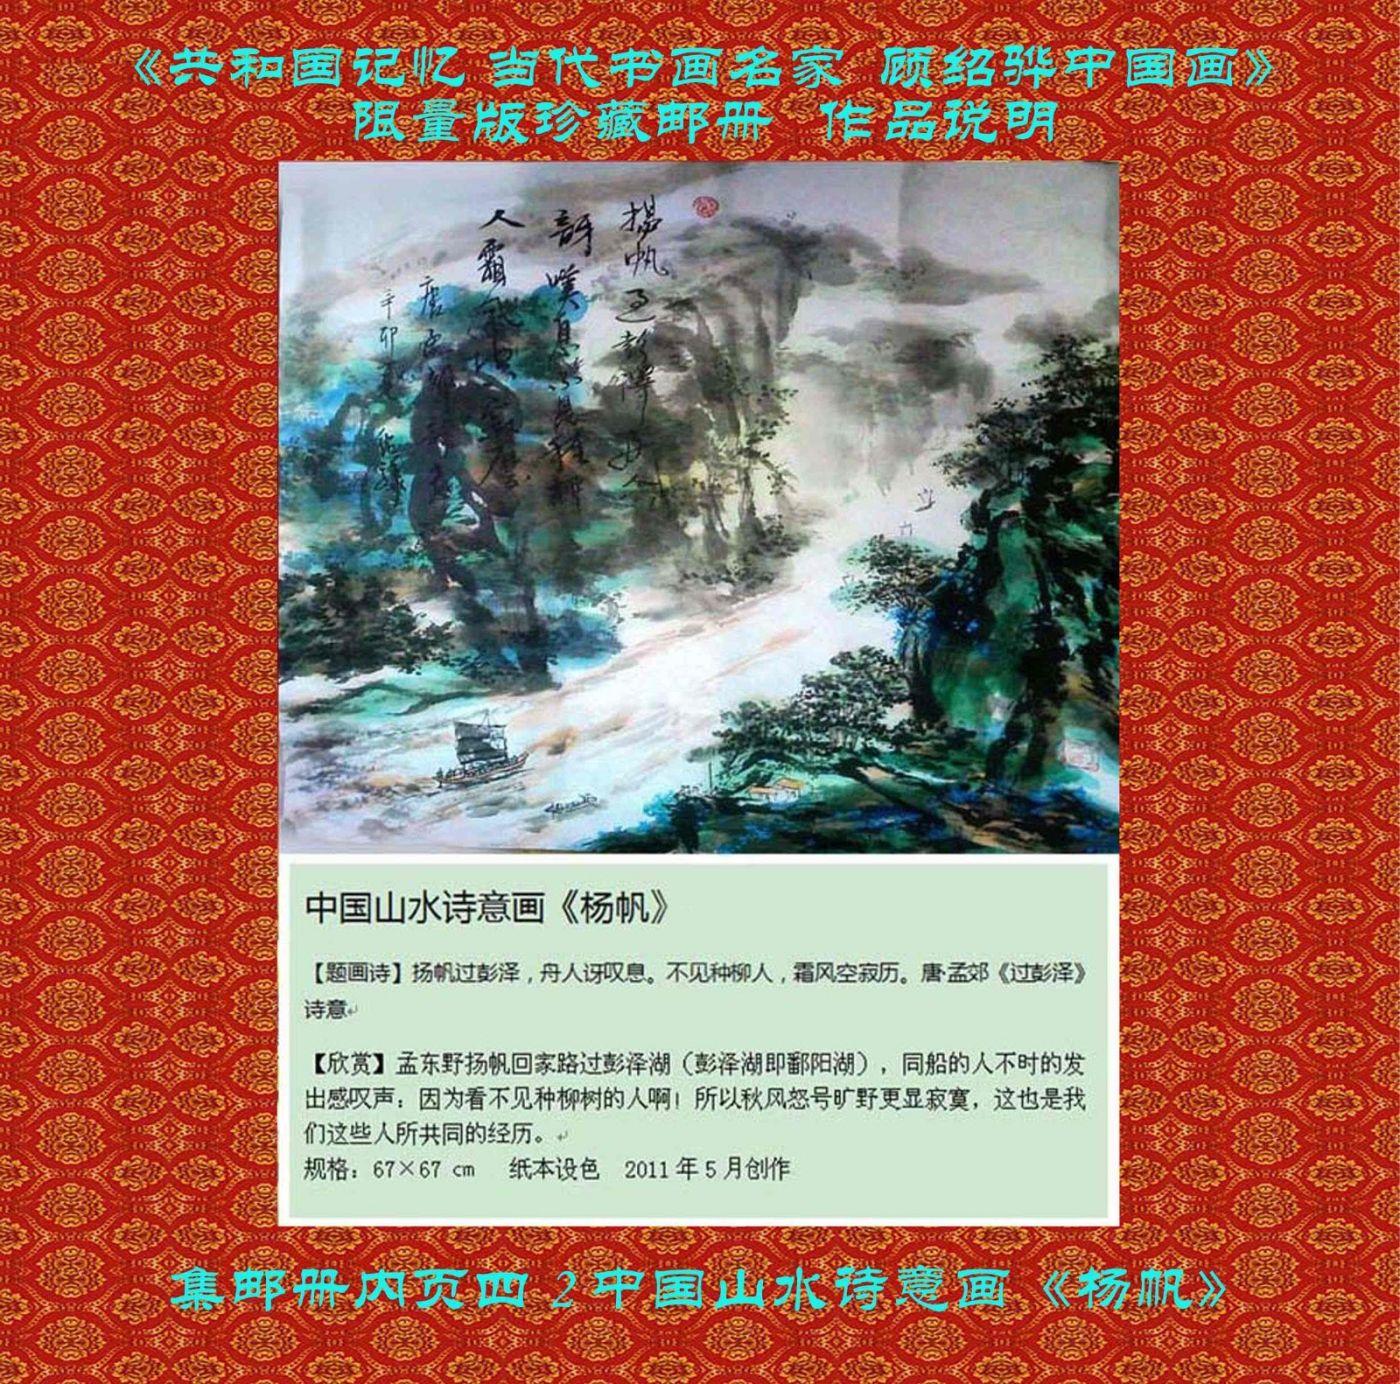 """""""顾绍骅的诗情画意""""入选《共和国记忆 ·中国书画艺术名家》限量版集邮珍藏册 ..._图1-22"""